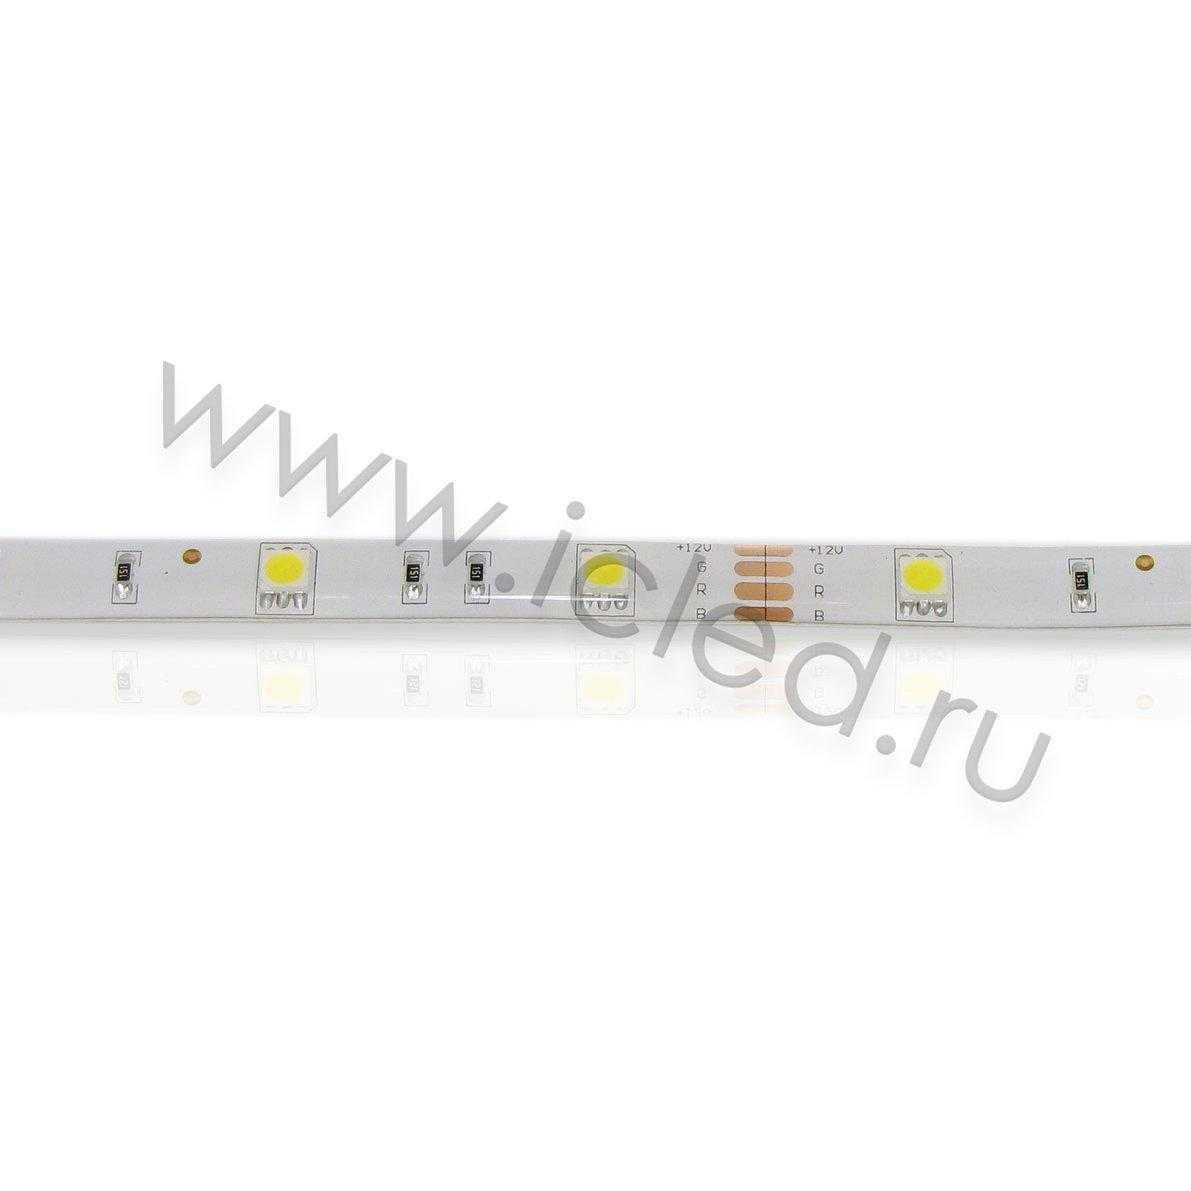 Светодиодная лента Econom class, 5050, 30led/m, Warm White, 12V, IP65